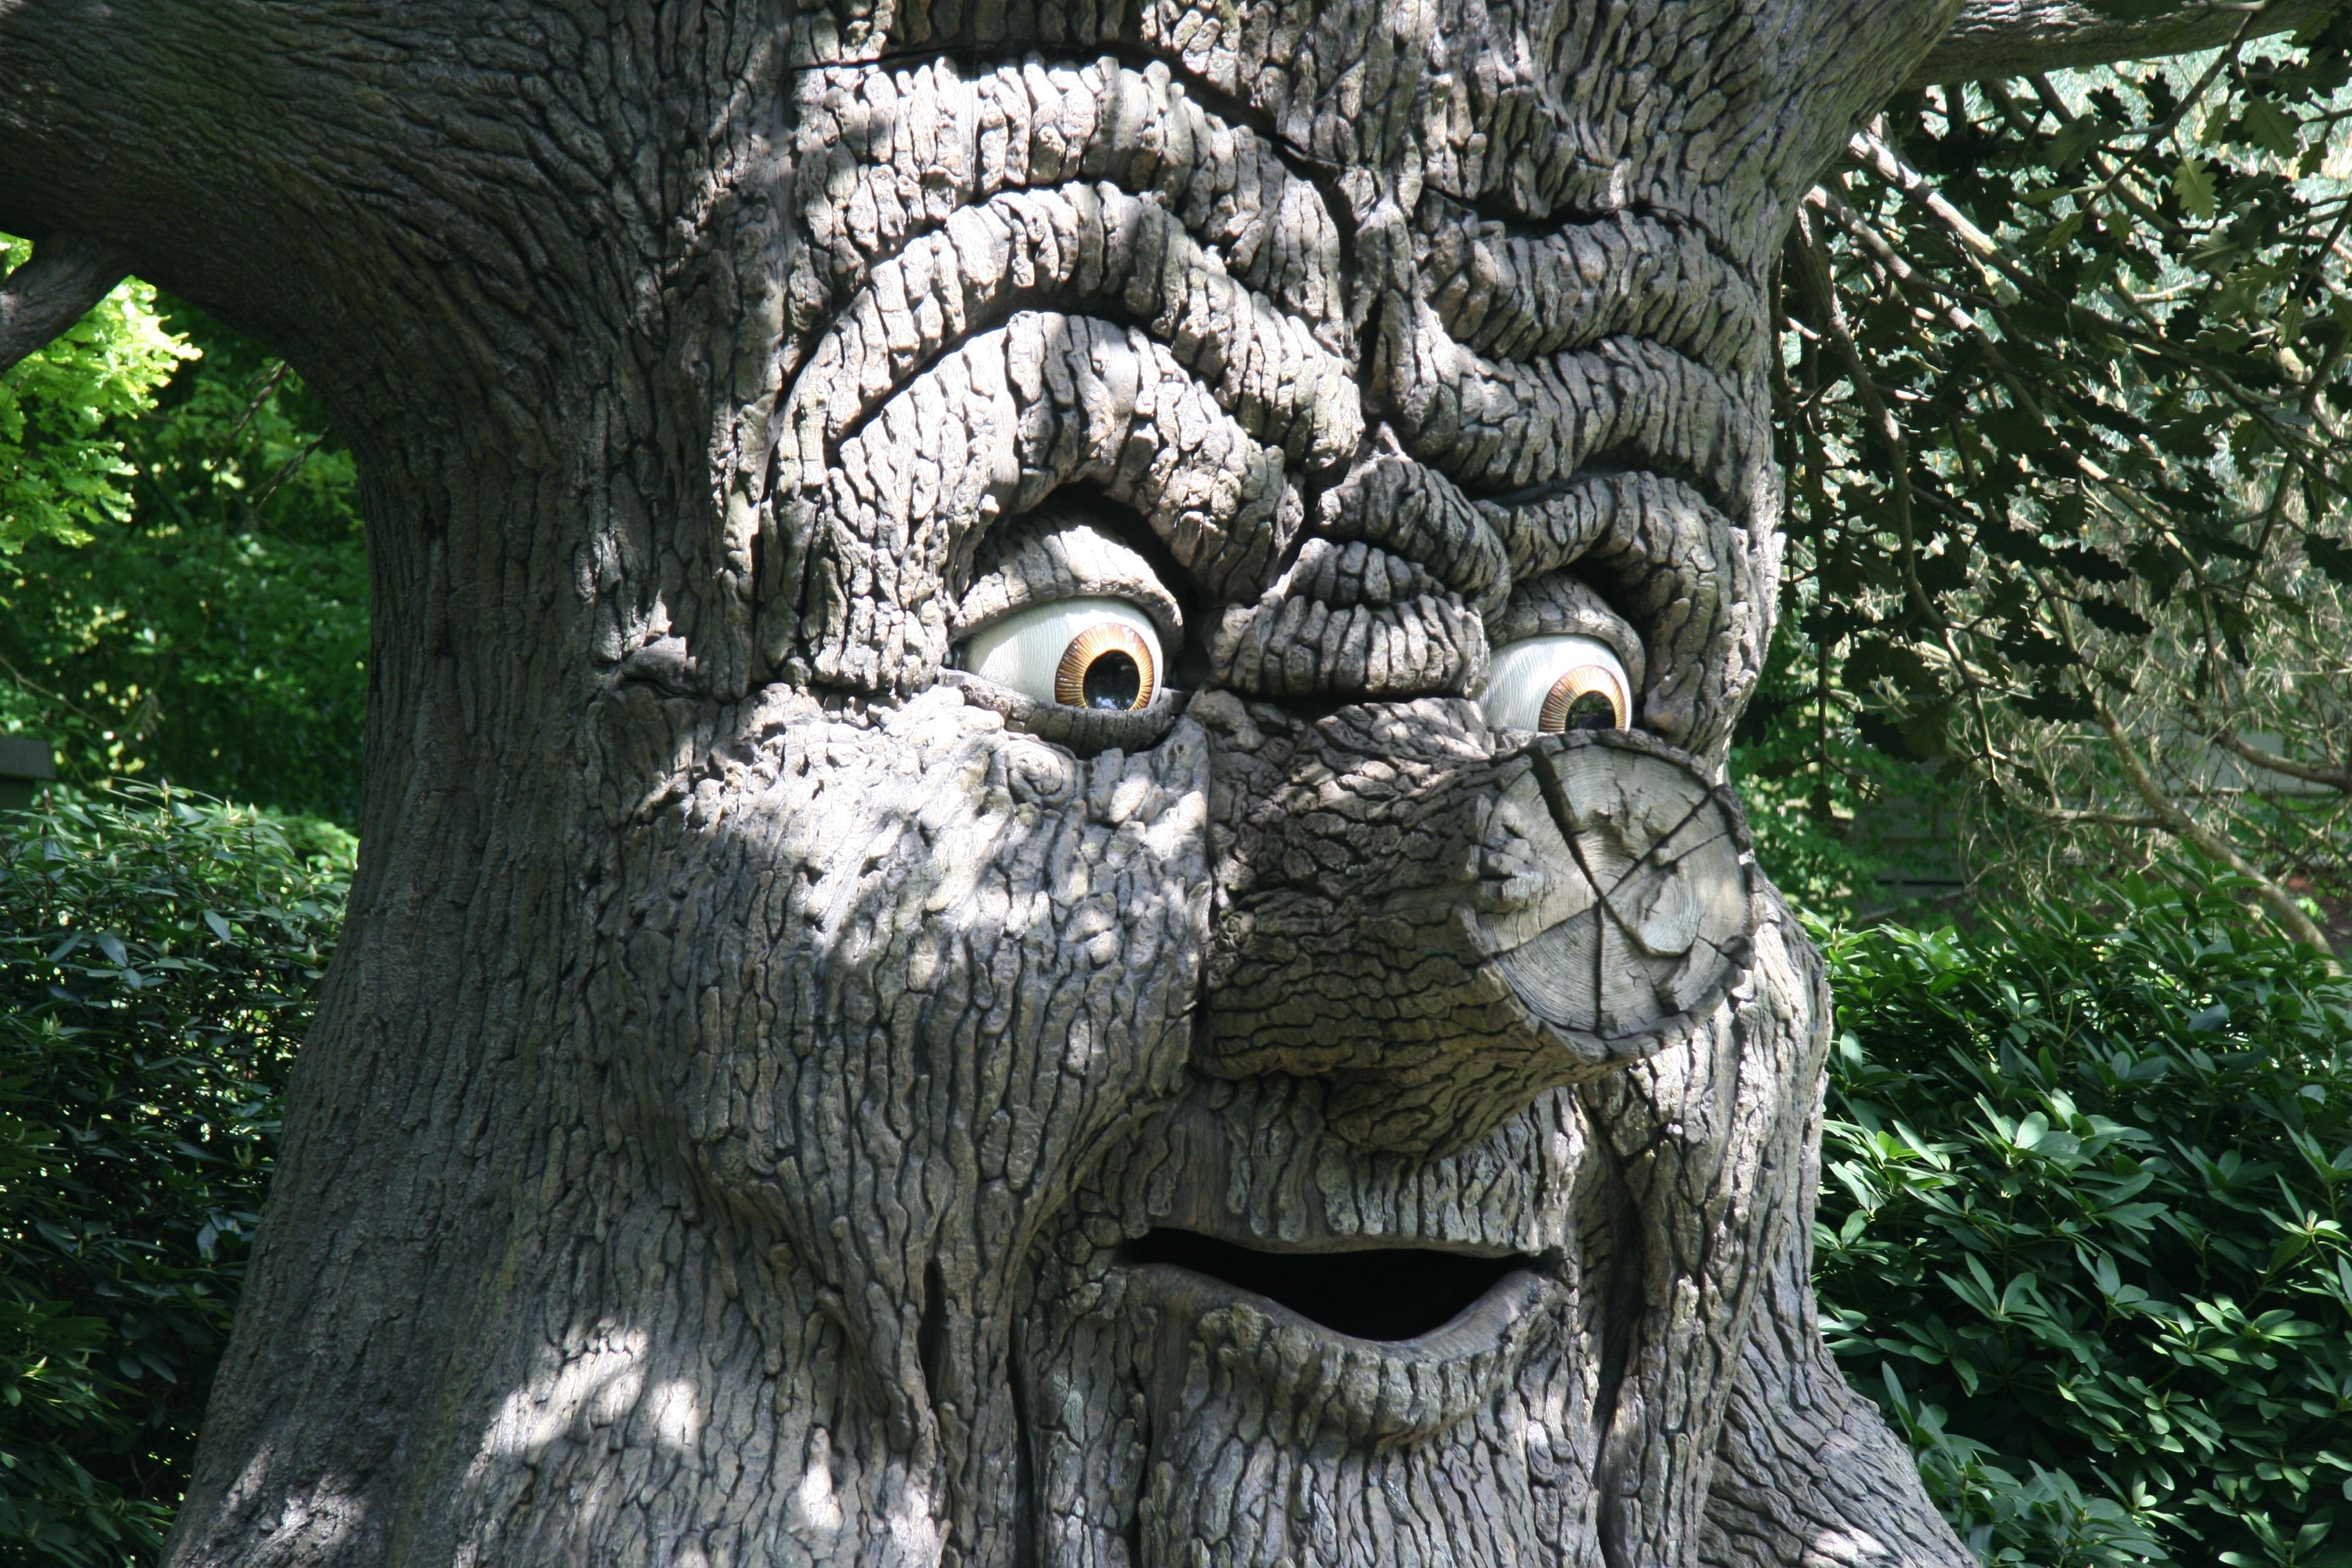 его сказочные деревья фото конфеты симметрично